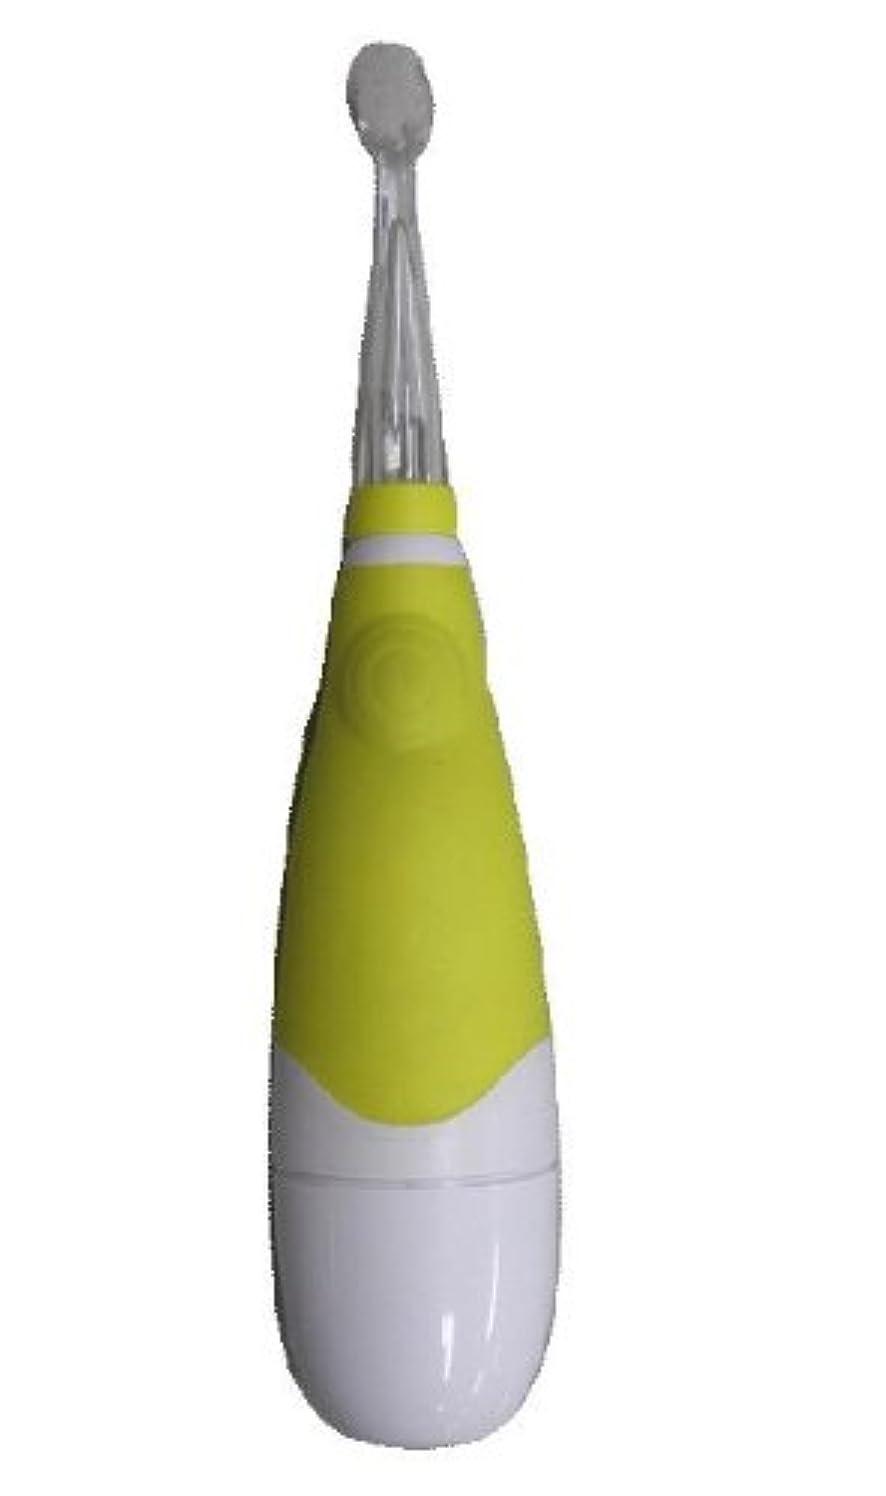 邪魔するアームストロング支出ヤザワ 赤ちゃん用電動歯ブラシ LED内蔵 オートオフ機能付 KIDS10YL